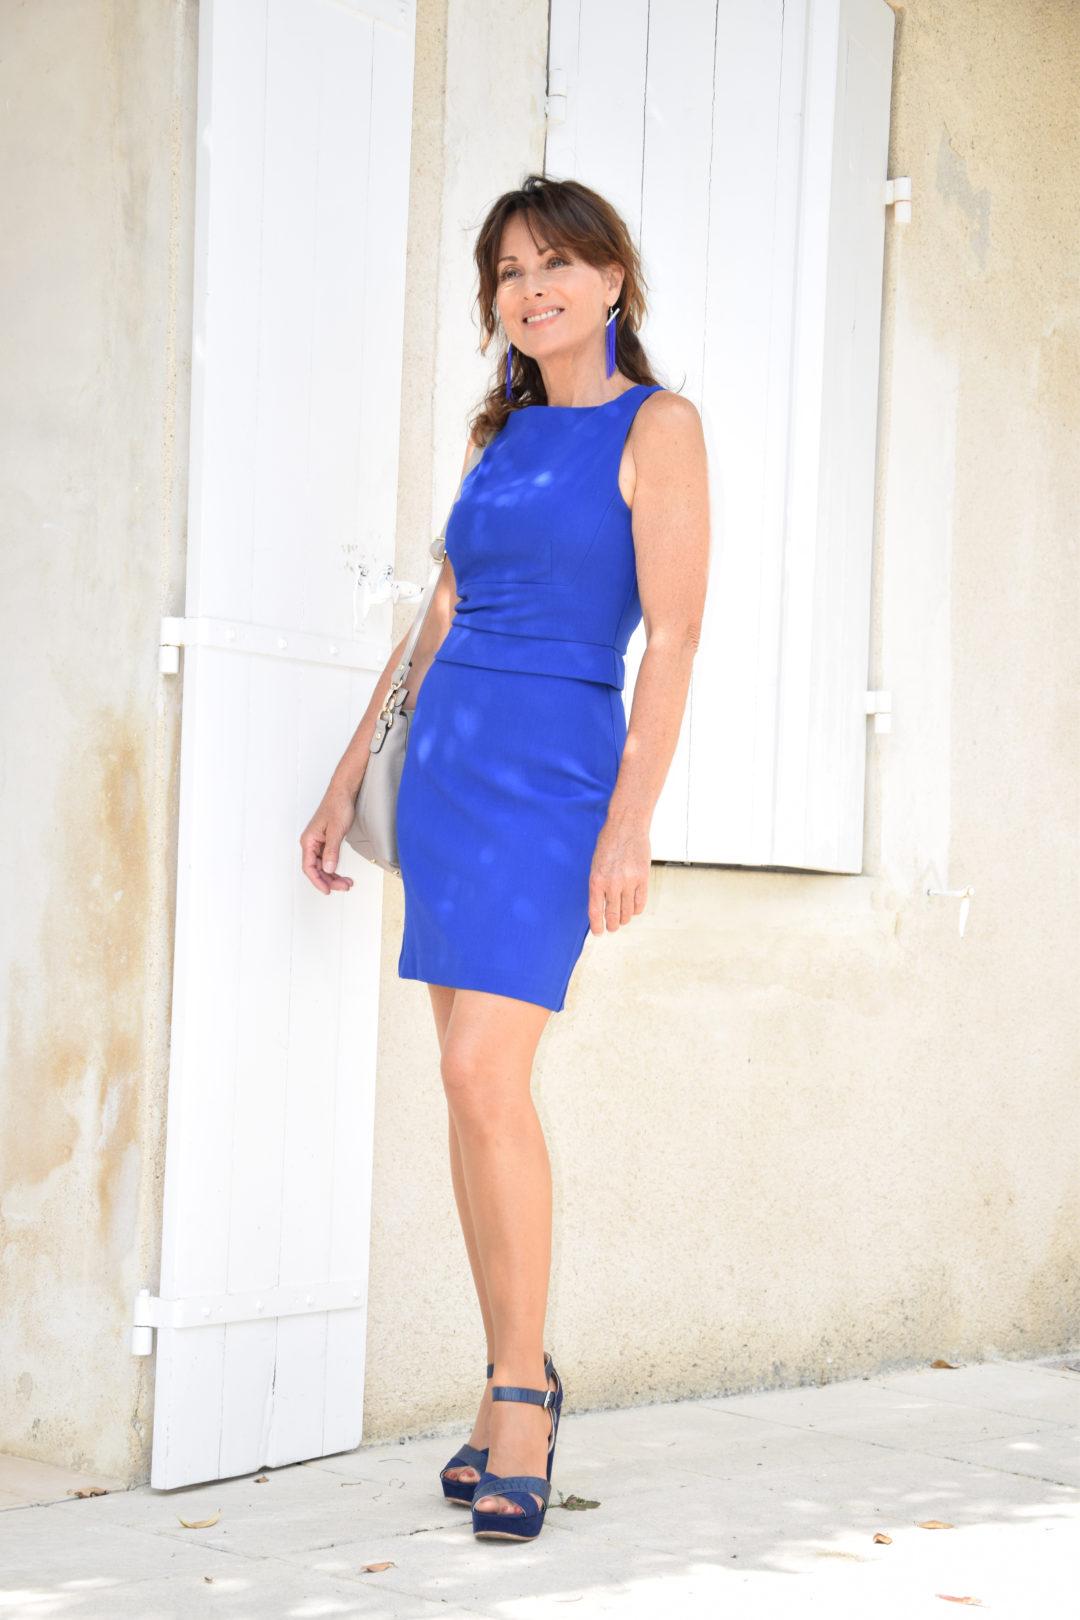 Robe Fourreau D Un Joli Bleu Electrique A Moins De 40 Euros Toute Belle En Quinqua Blog Mode Beaute Lifestyle